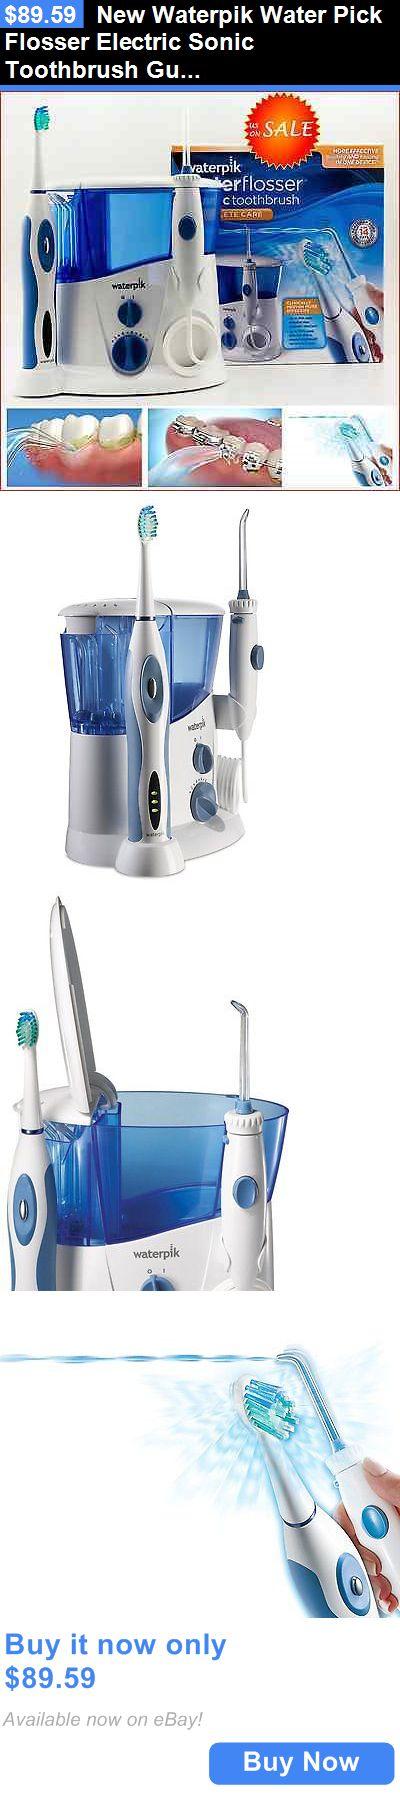 1000 ideas about dental floss on pinterest dental fillings dental and dentistry. Black Bedroom Furniture Sets. Home Design Ideas